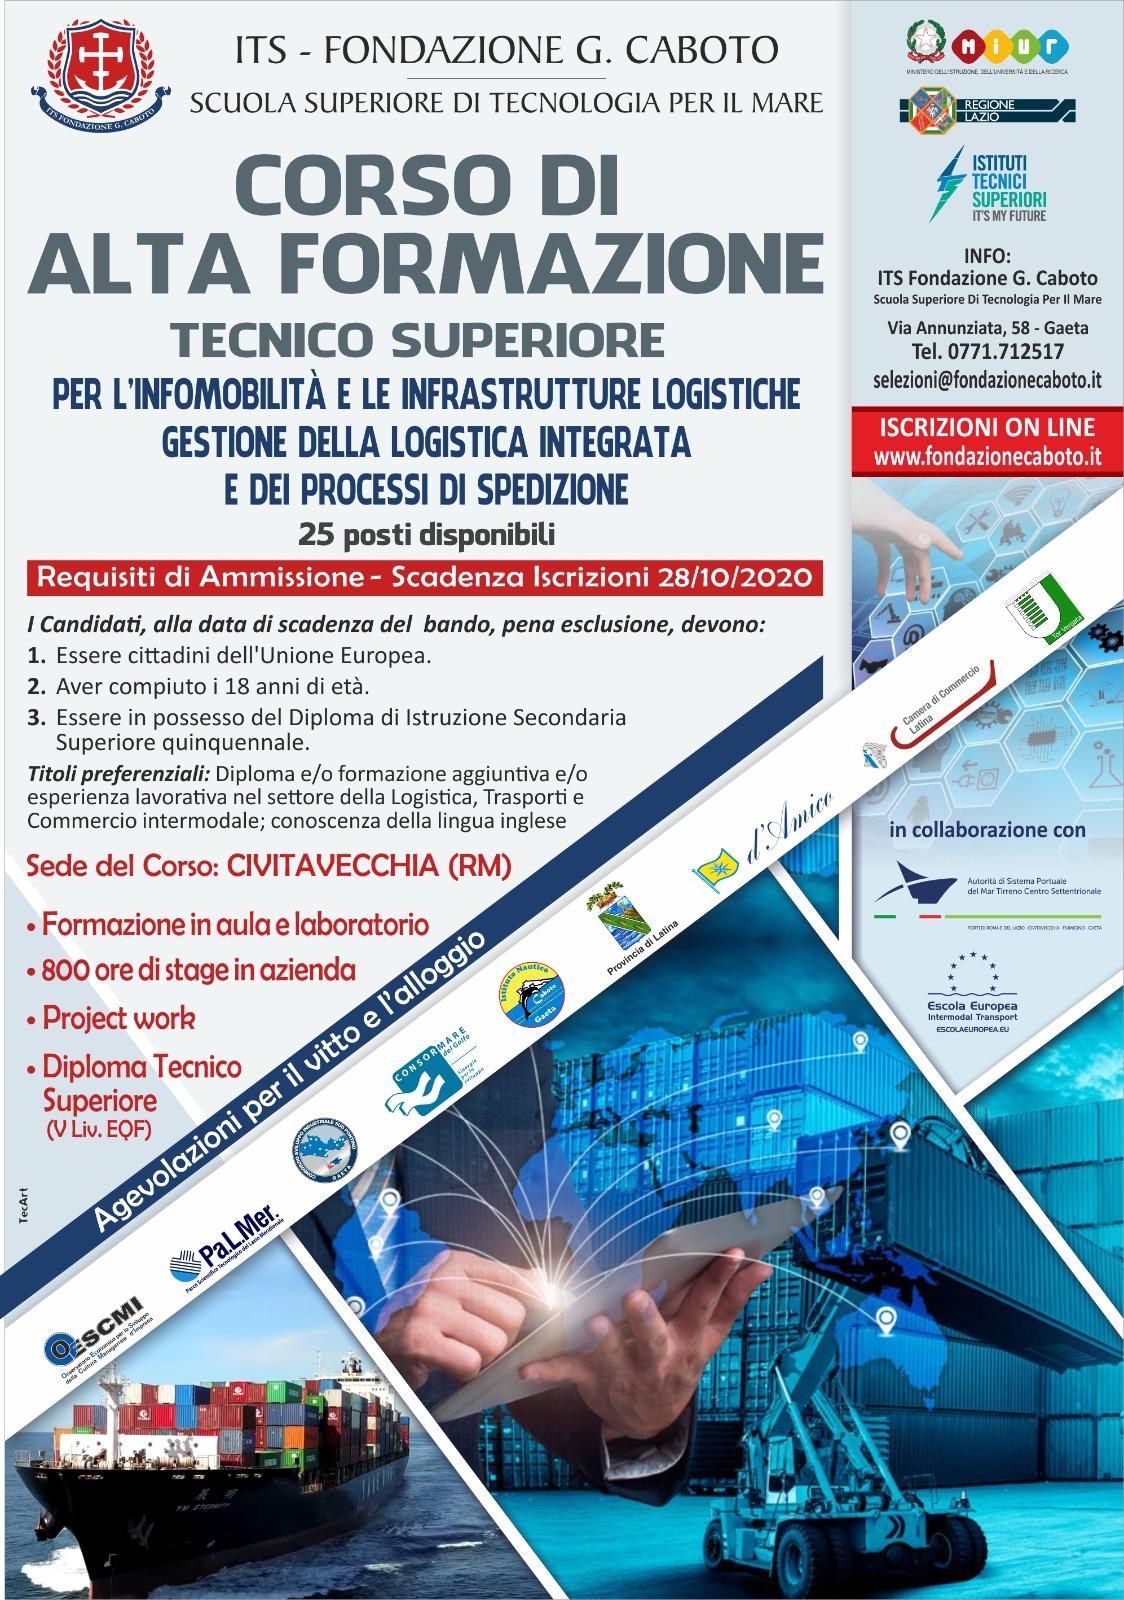 Al via, a Civitavecchia, la prima edizione del Corso Tecnico Superiore per l'Infomobilità e le infrastrutture logistiche